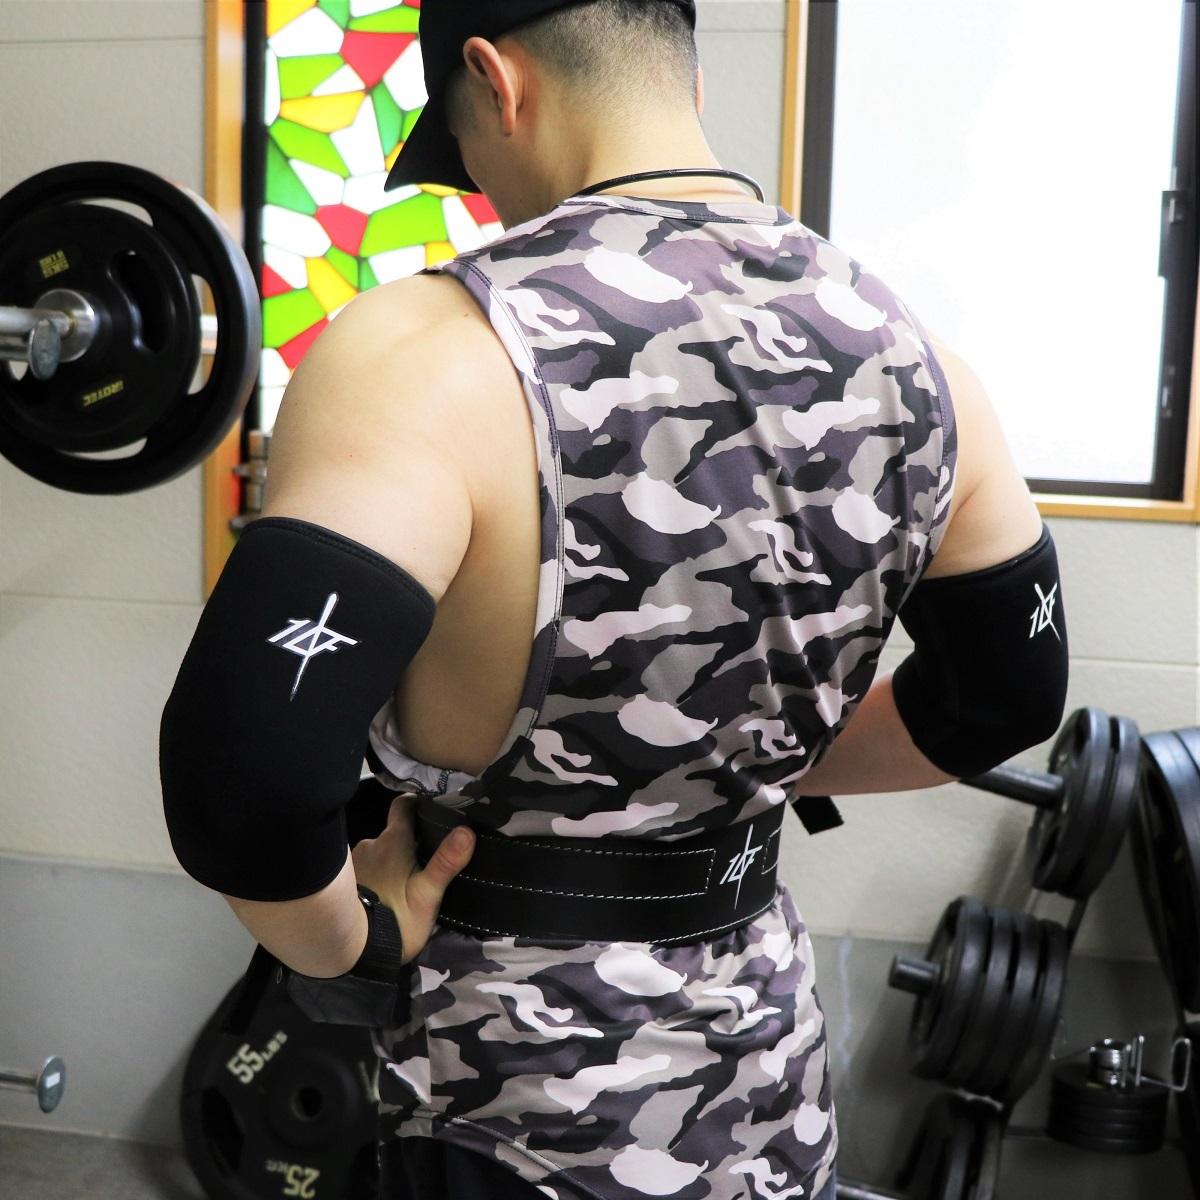 10FIT タンクトップ トレーニング 筋トレ ボディビル メンズ TE-15 迷彩